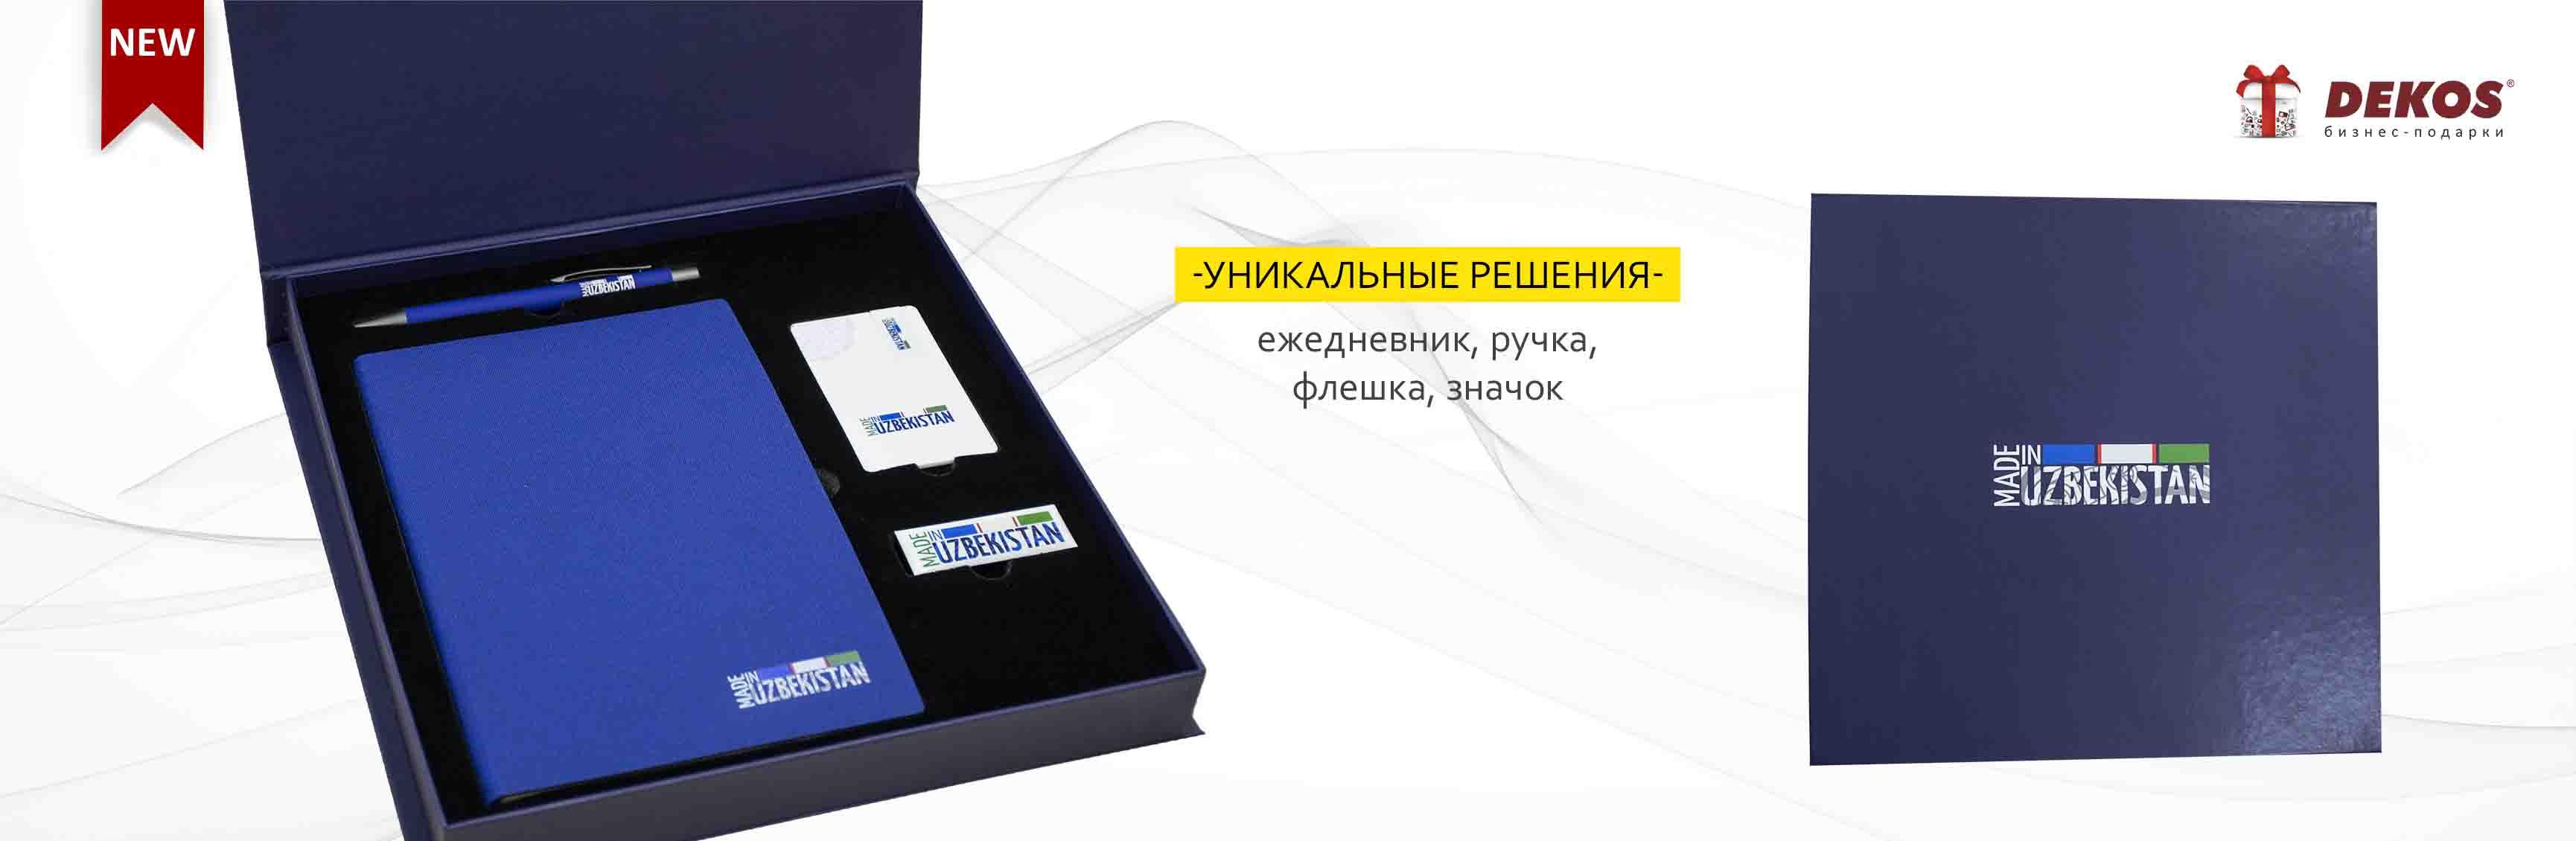 Уникальные решения Made in Uzbhekistan